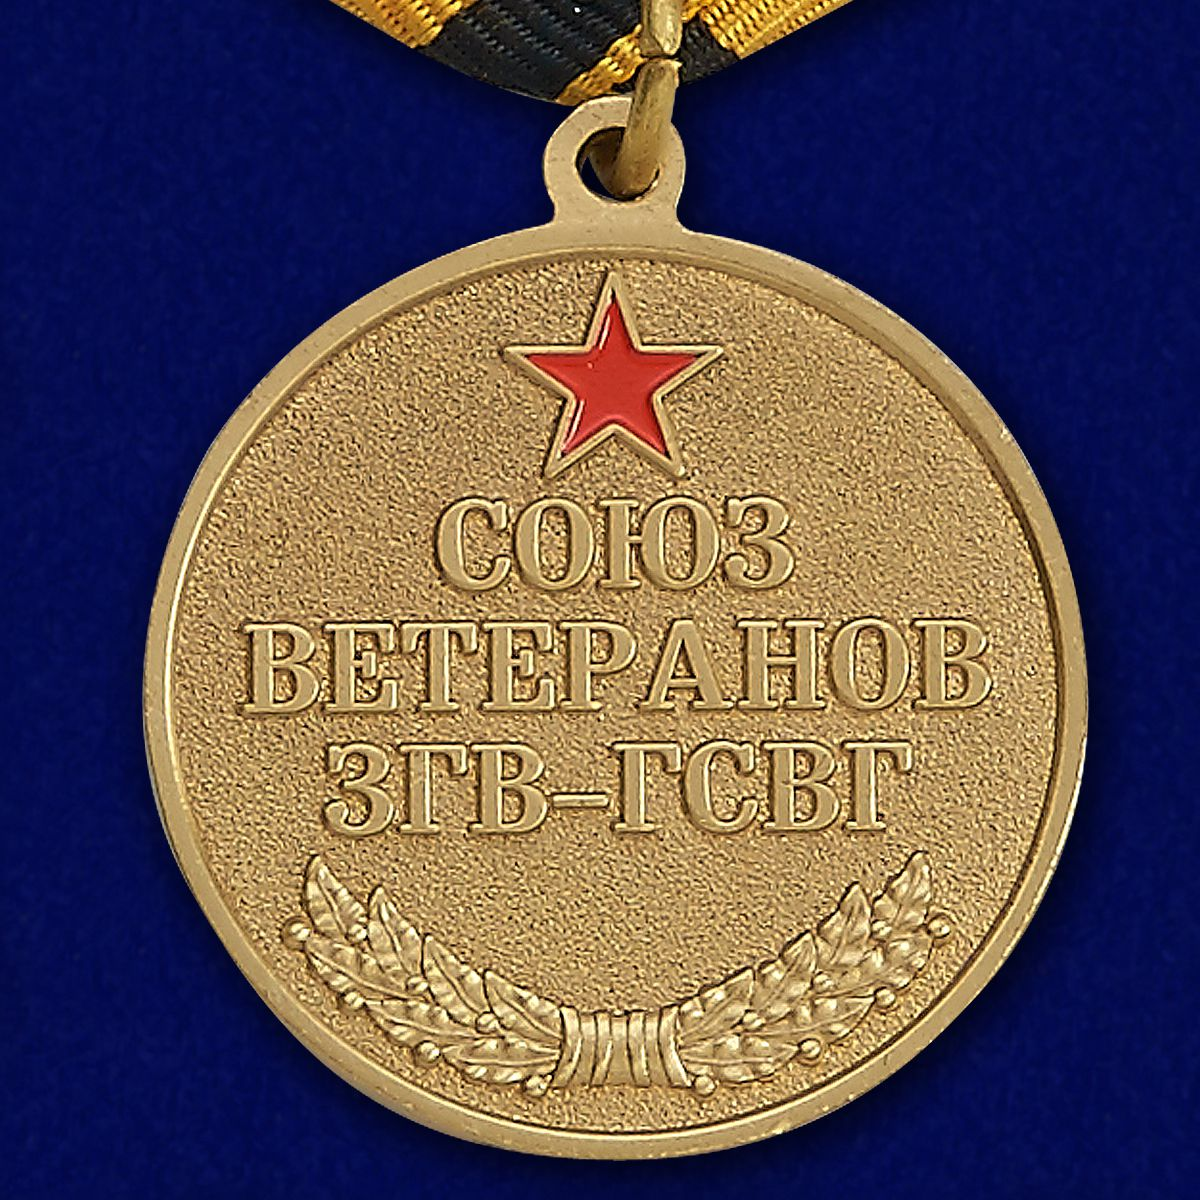 Медаль Союз ветеранов ЗГВ-ГСВГ - оборотная сторона